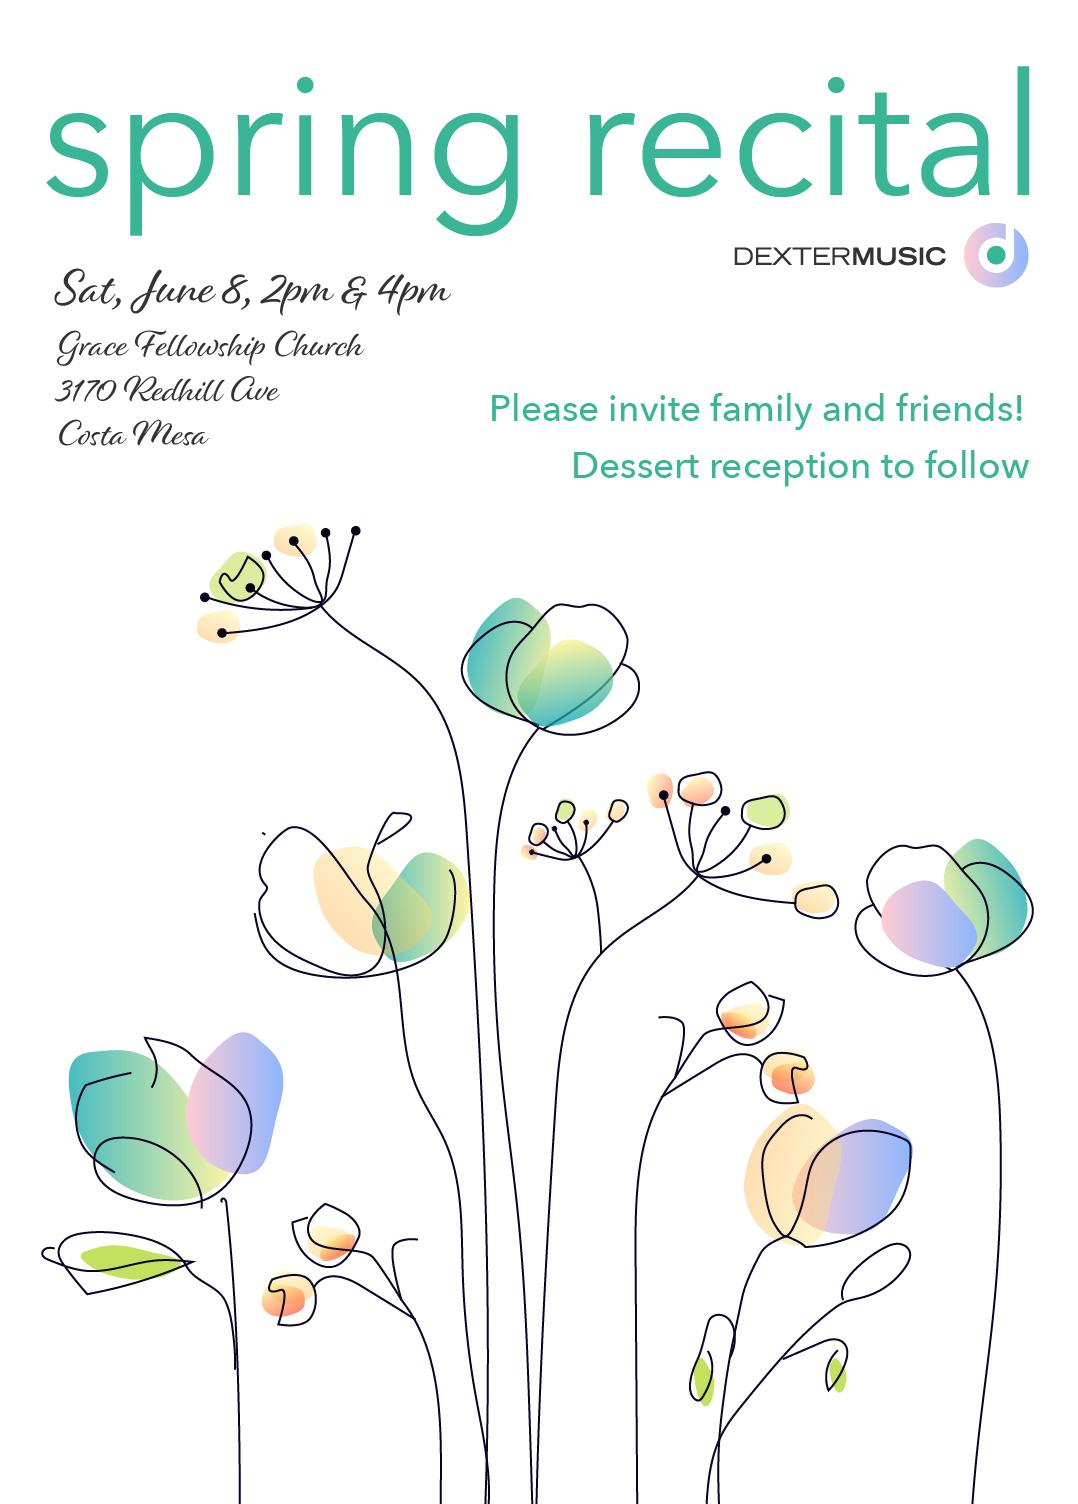 Spring-2019-Invite.jpg